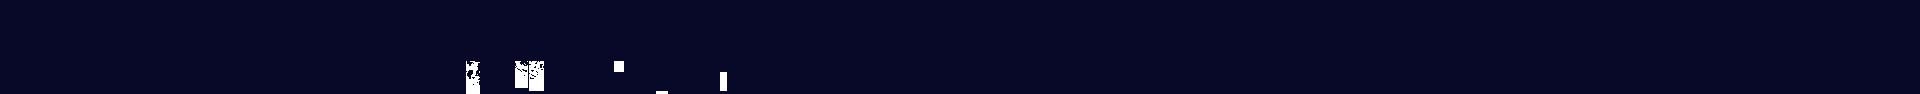 LIS-Background-08-unten-blau